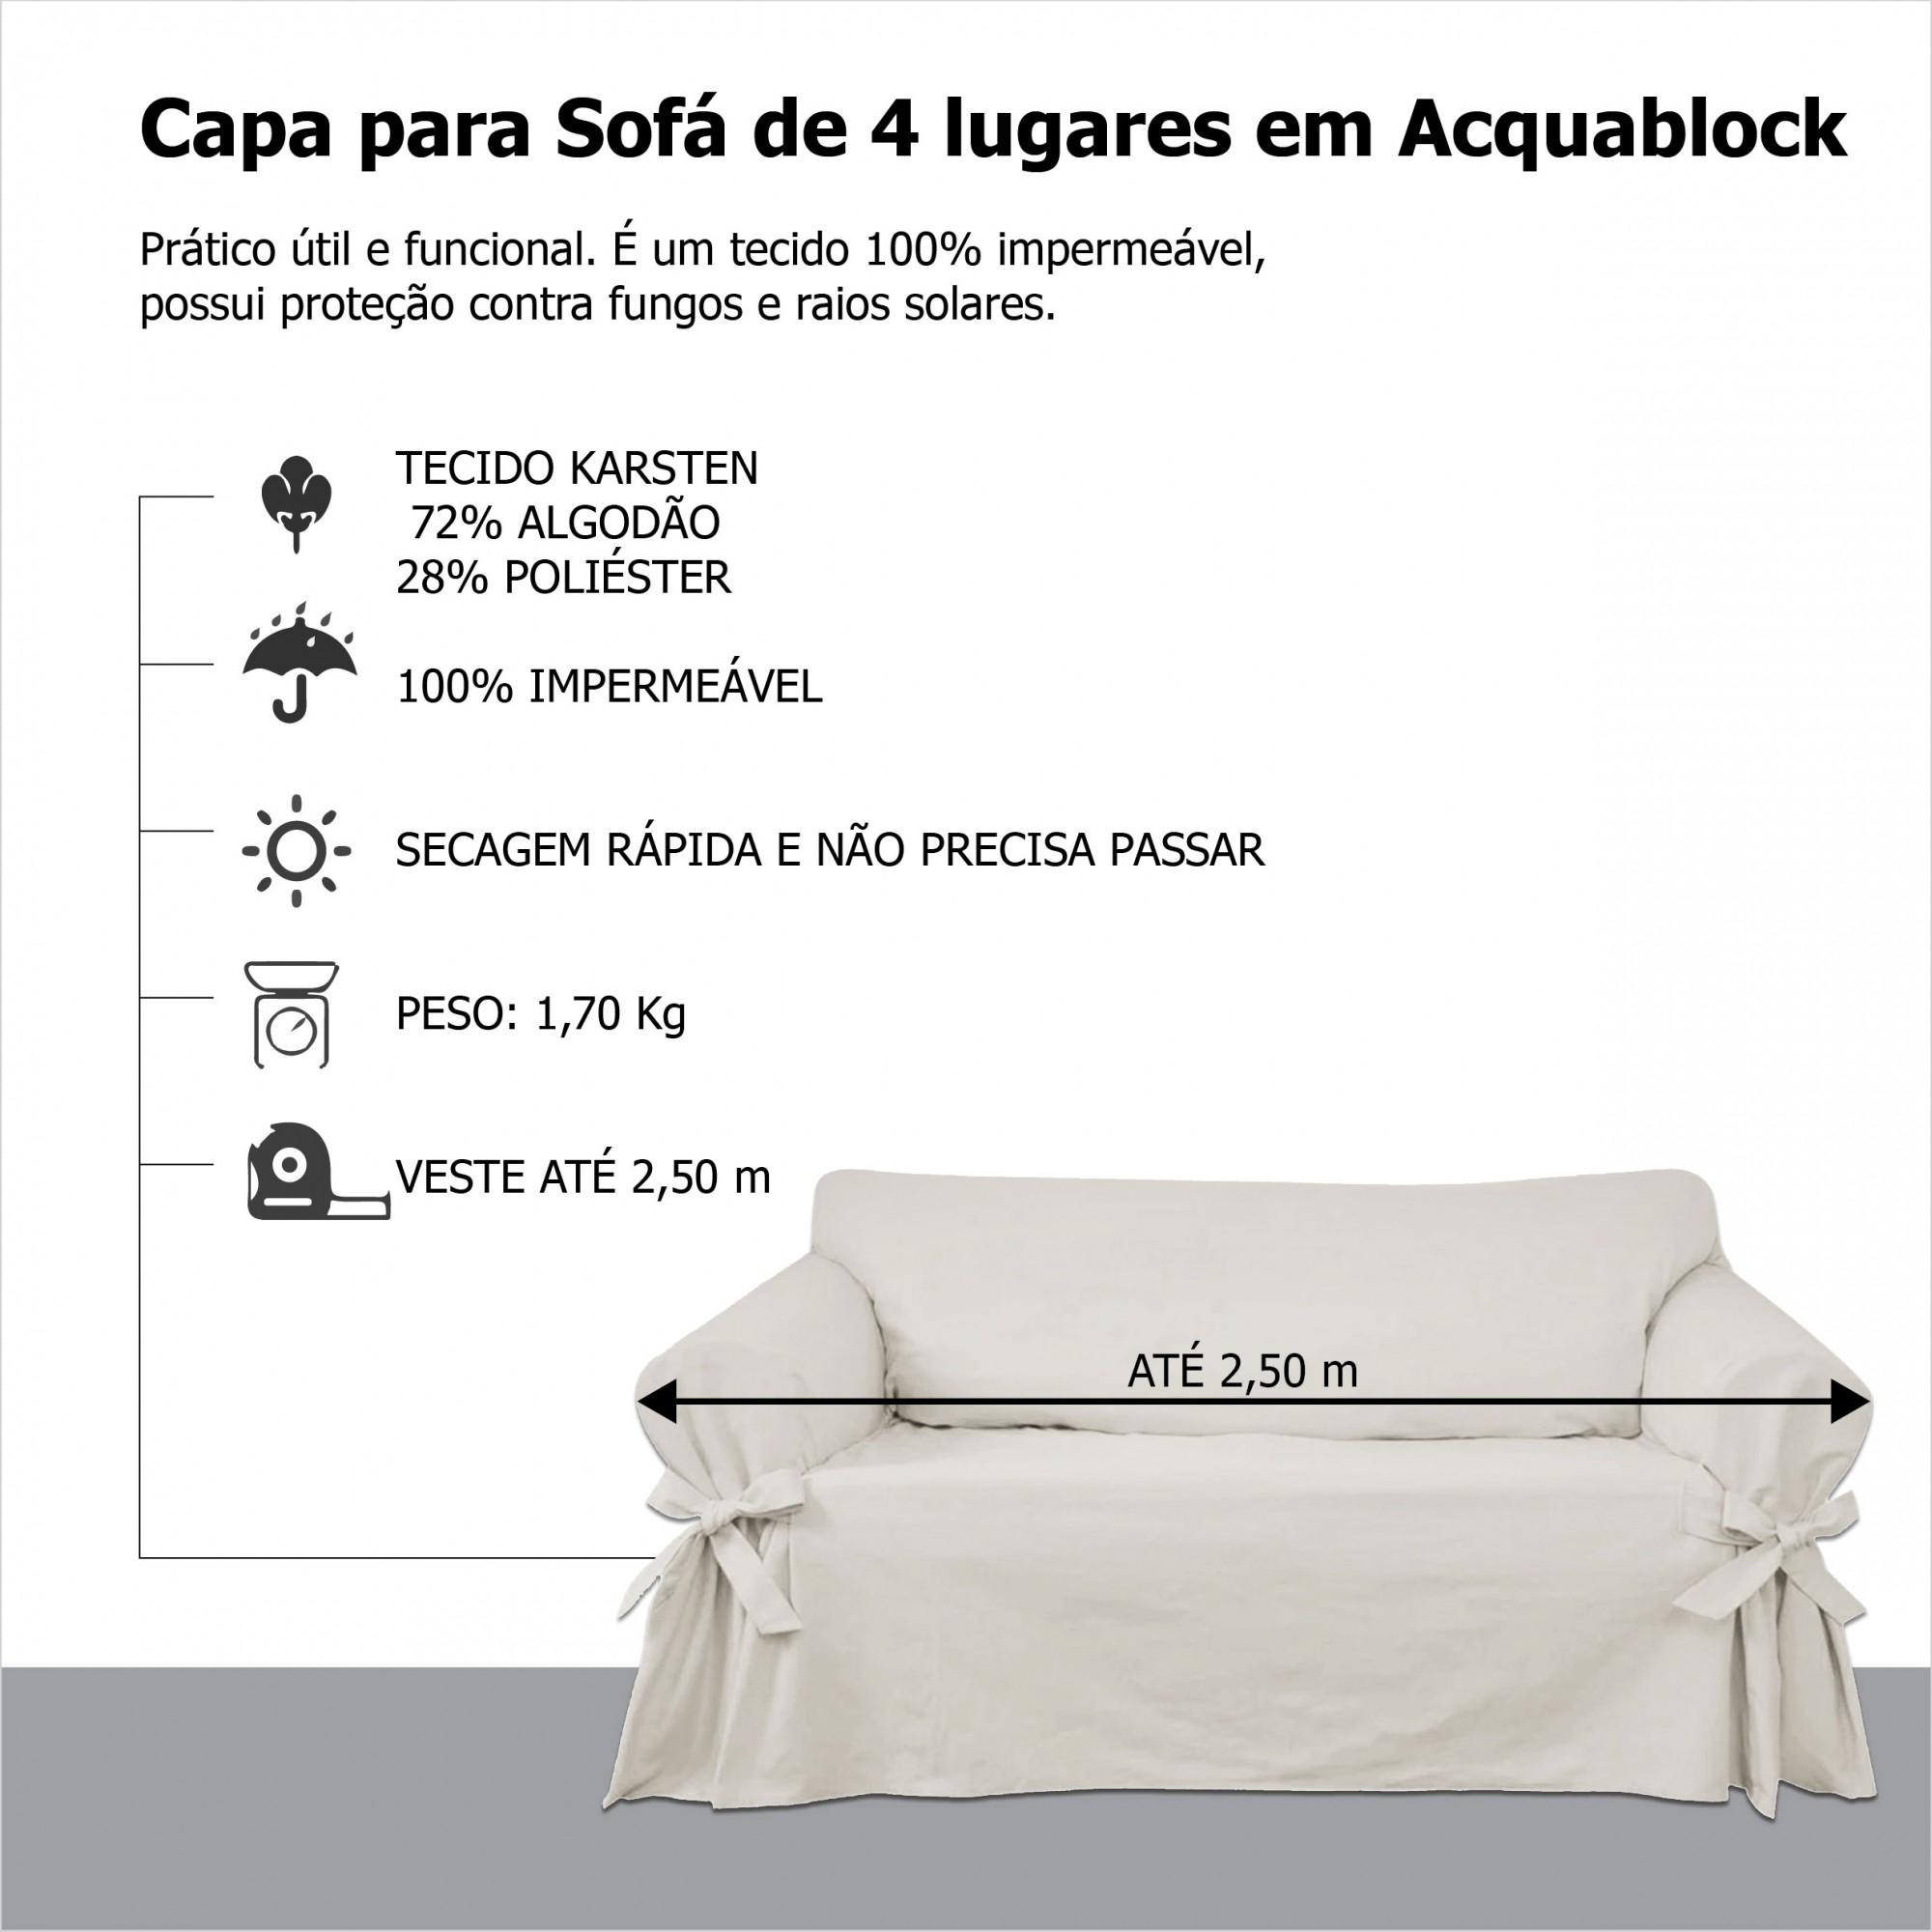 Capa p/ Sofá de 4 Lug CRUA em Acquablock Impermeável